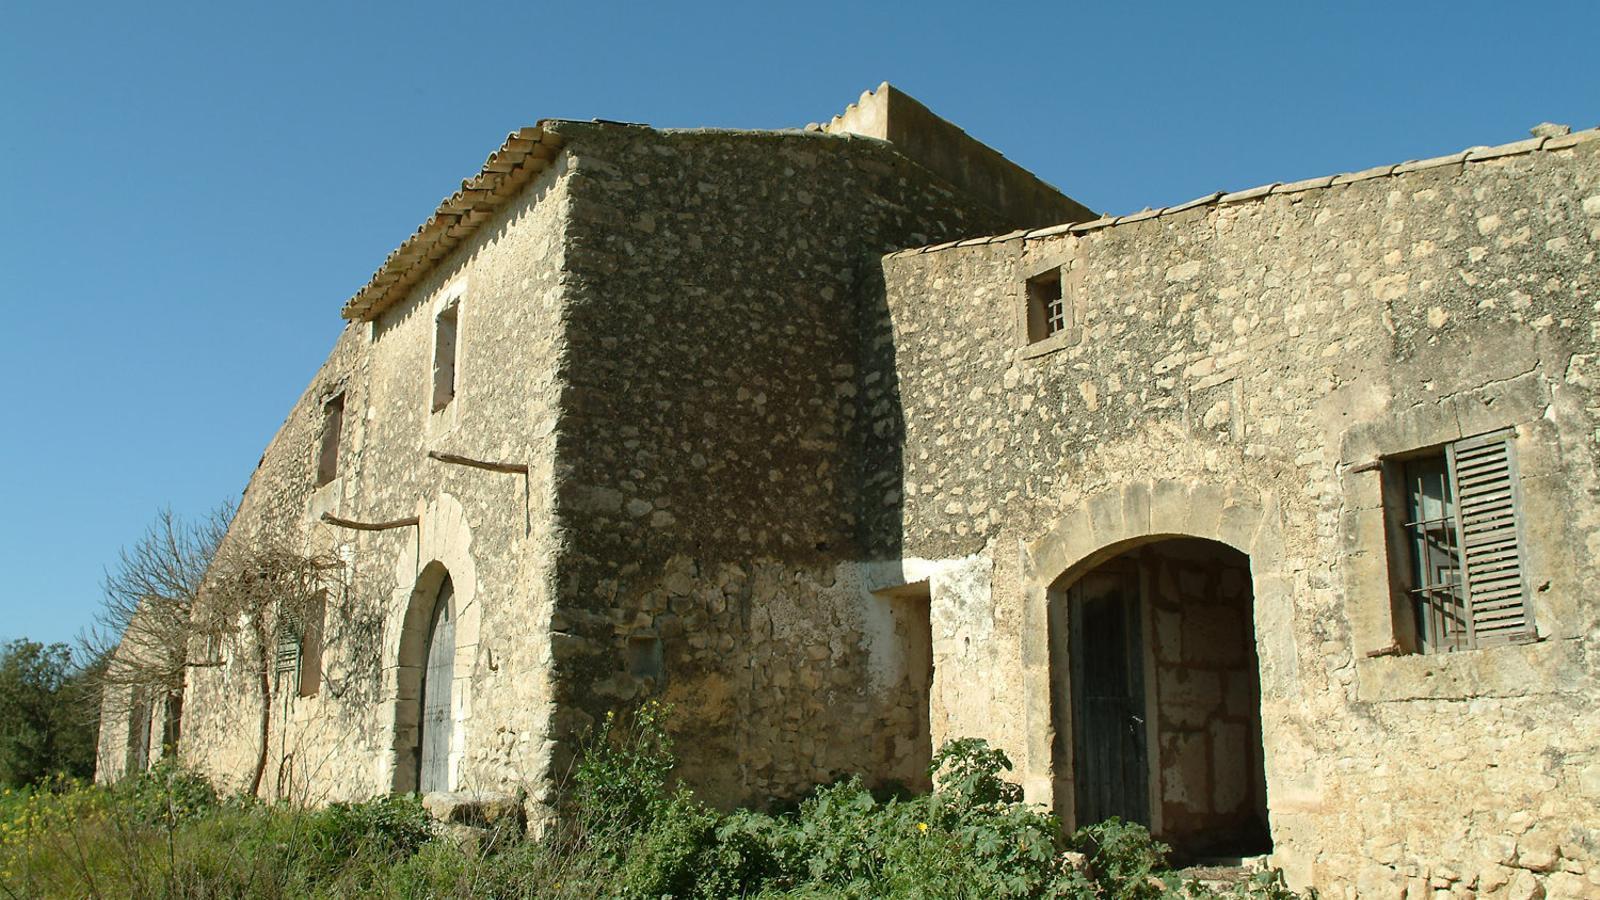 Les cases velles de Son Fornés on es farà el nou museu arqueològic.